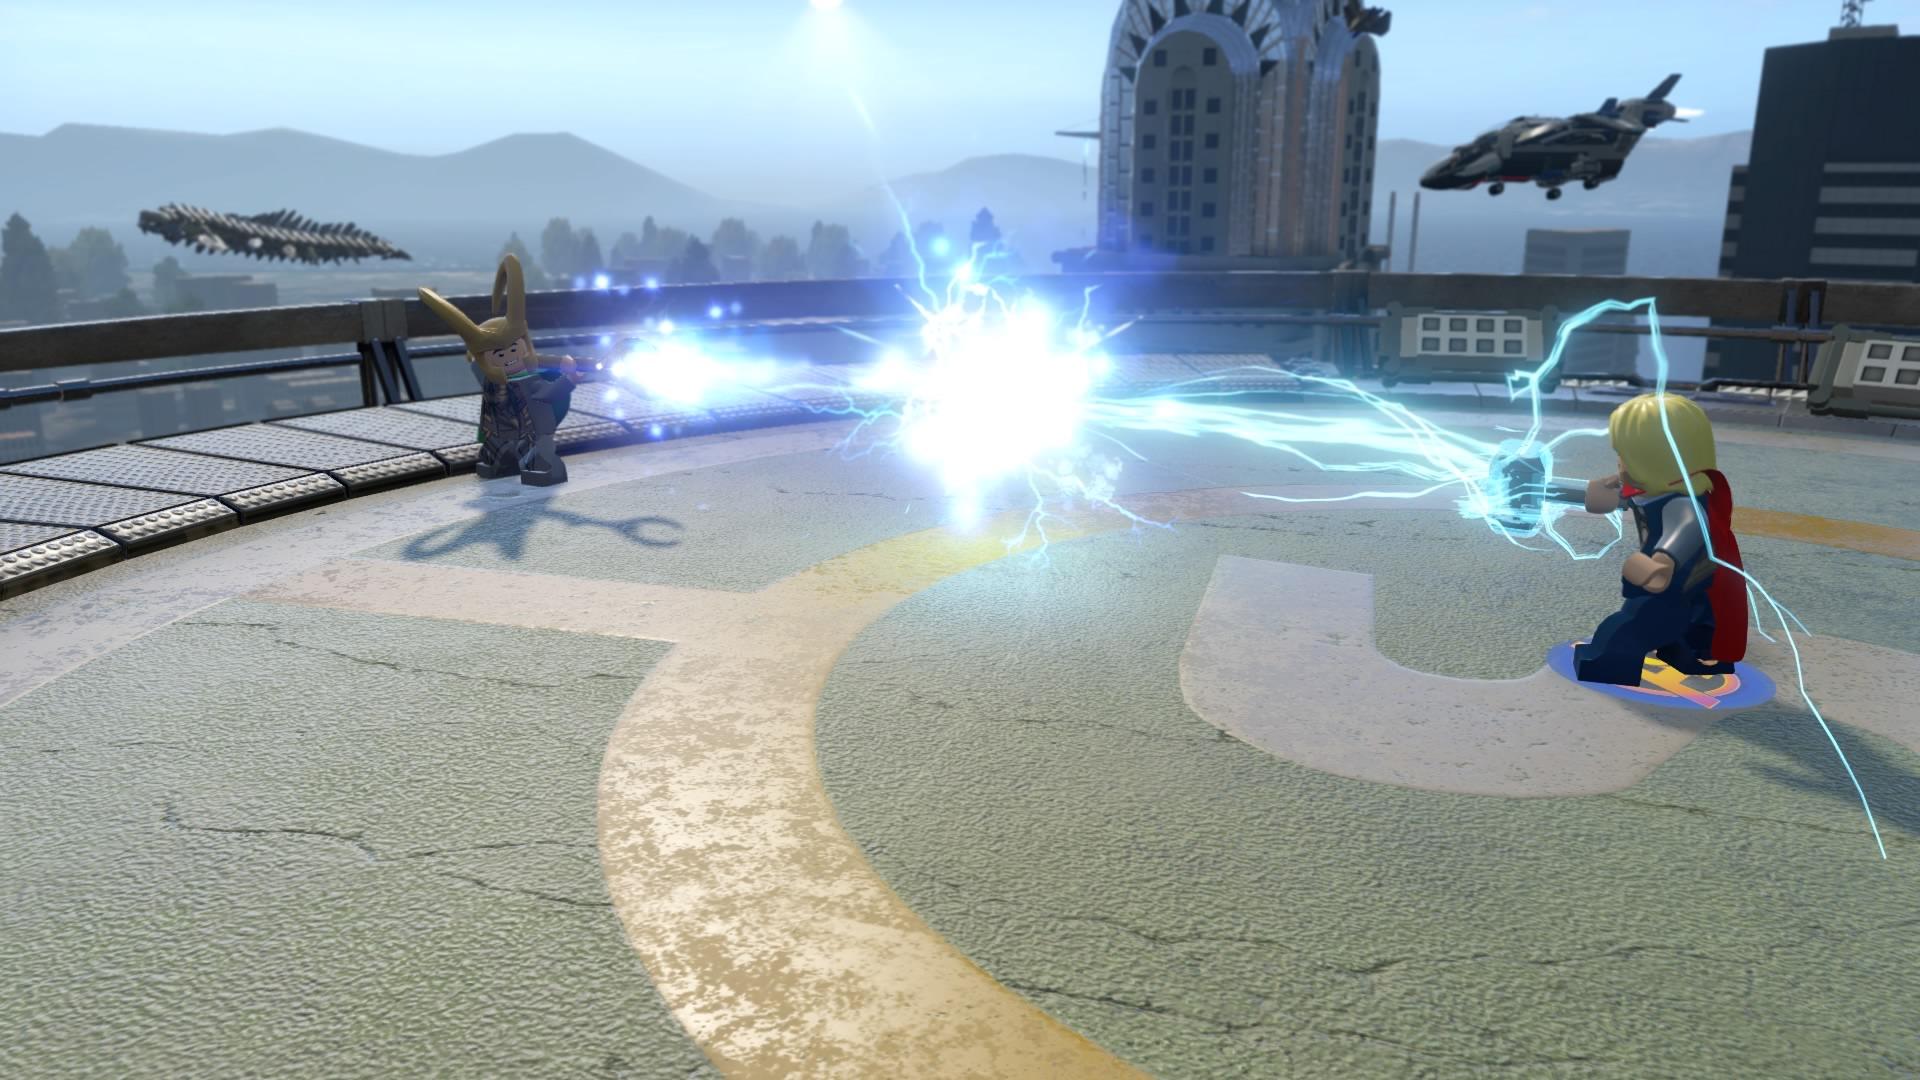 Test de lego marvel 39 s avengers ps4 geektest - Jeux de lego avengers gratuit ...